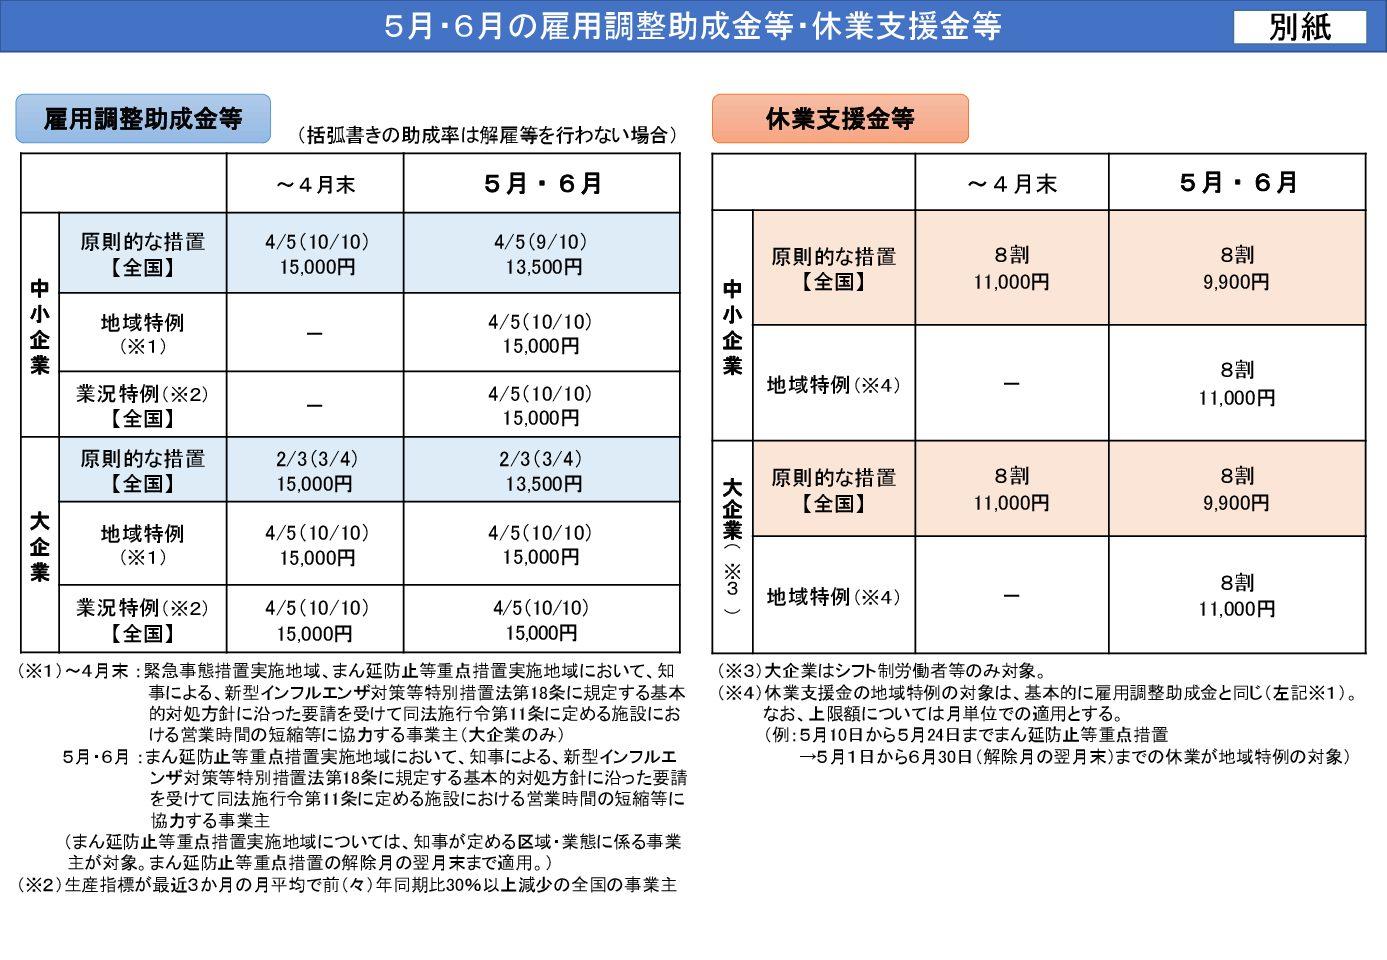 令和3年5月~6月の雇用調整助成金等・休業支援金等について